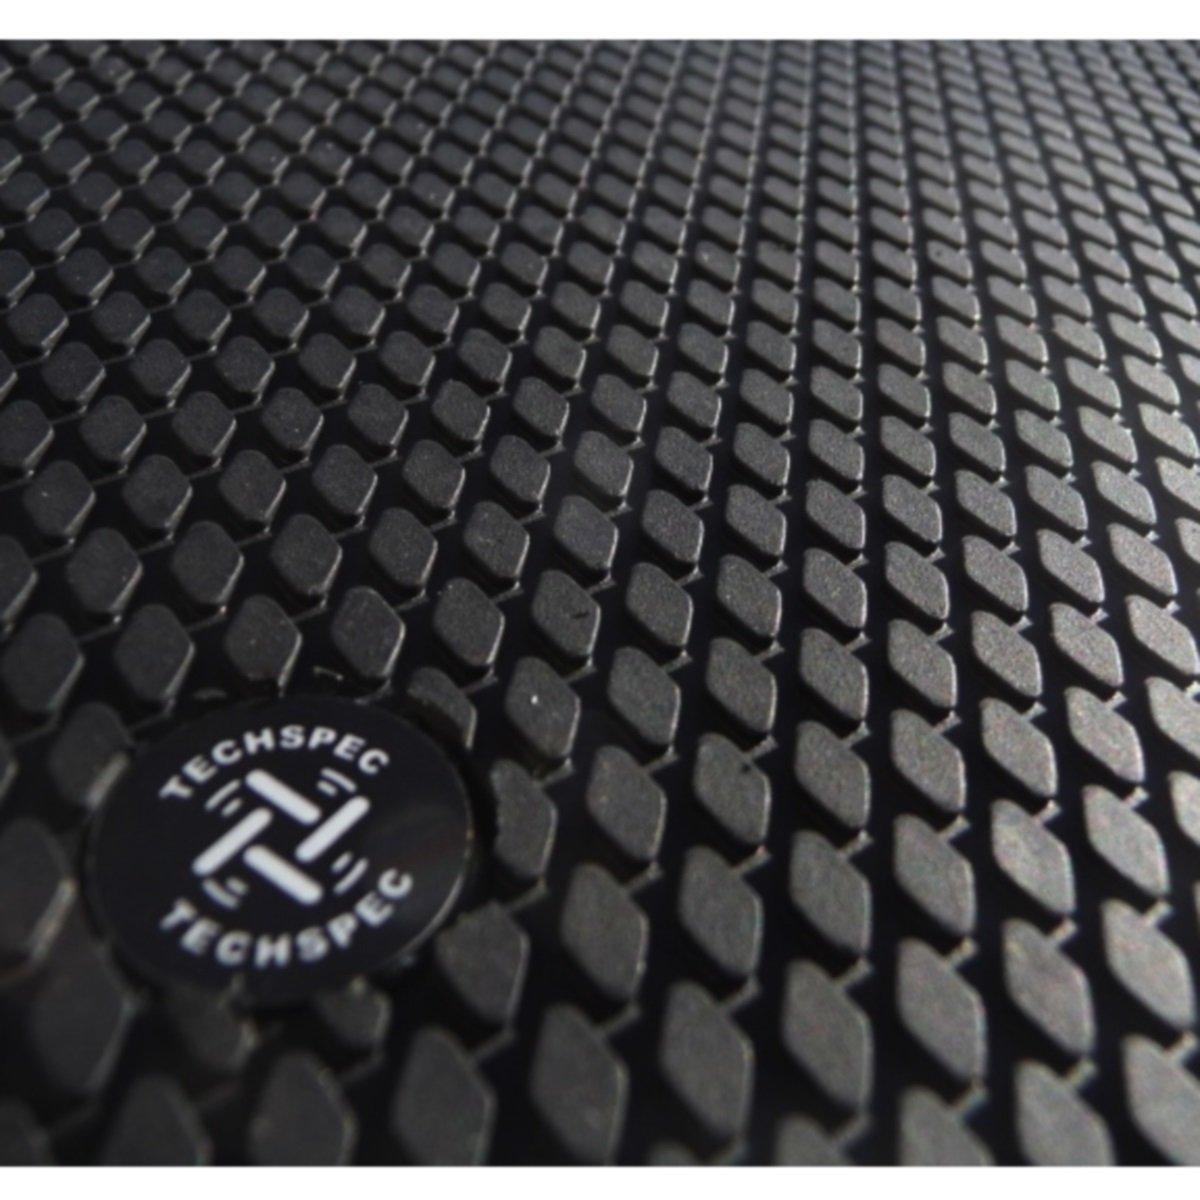 62-1013-SS TechSpec BMW F800 GT Snake Skin Tank Grips 2013 - Current